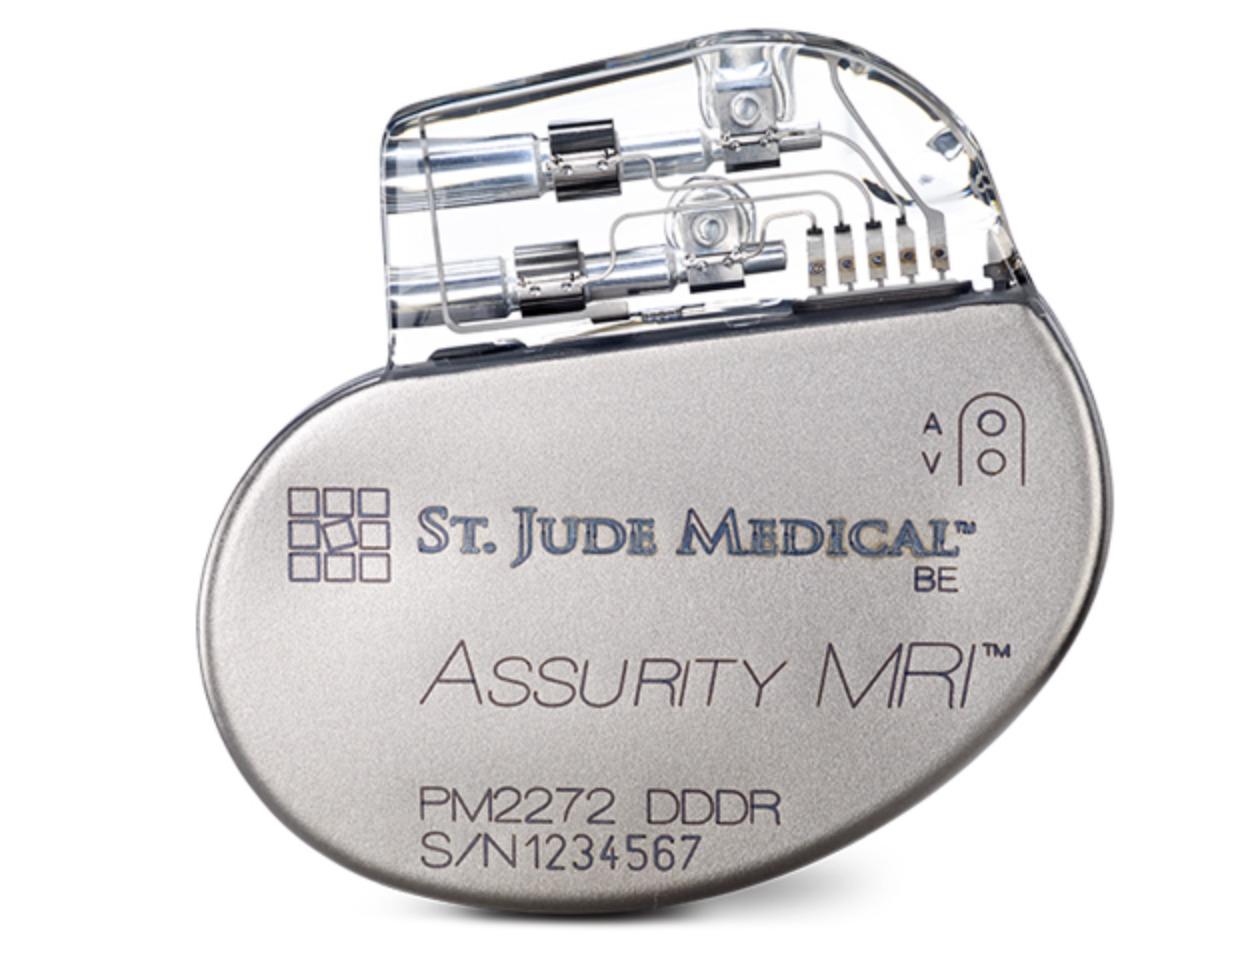 Det er funnet hull i pacemakere som kan utnyttes av hackere.